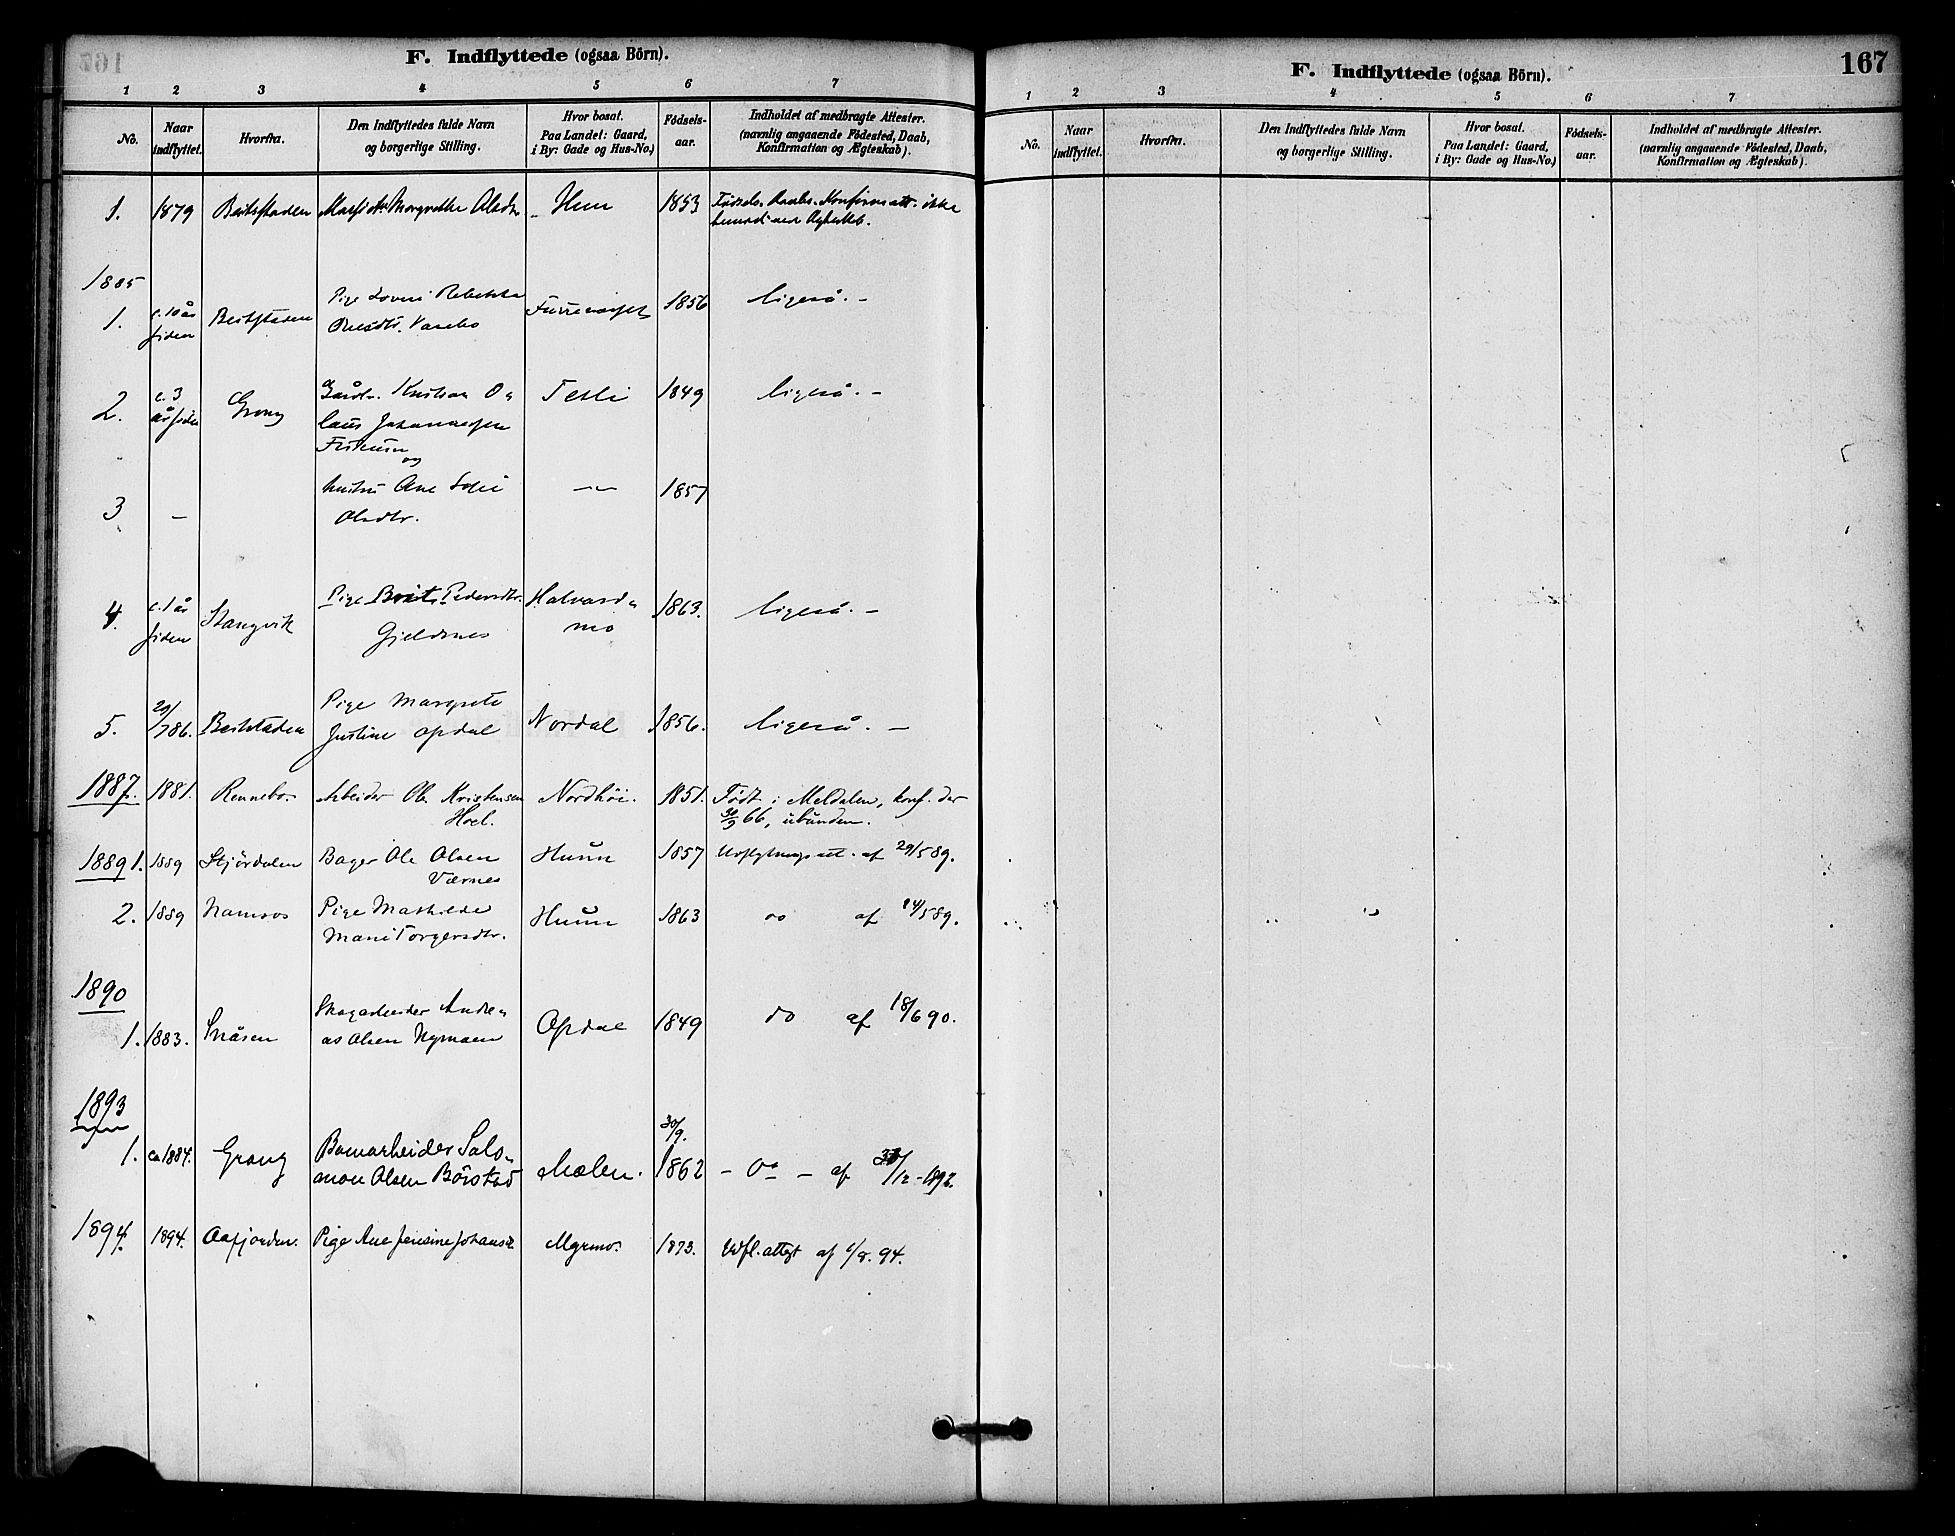 SAT, Ministerialprotokoller, klokkerbøker og fødselsregistre - Nord-Trøndelag, 766/L0563: Ministerialbok nr. 767A01, 1881-1899, s. 167